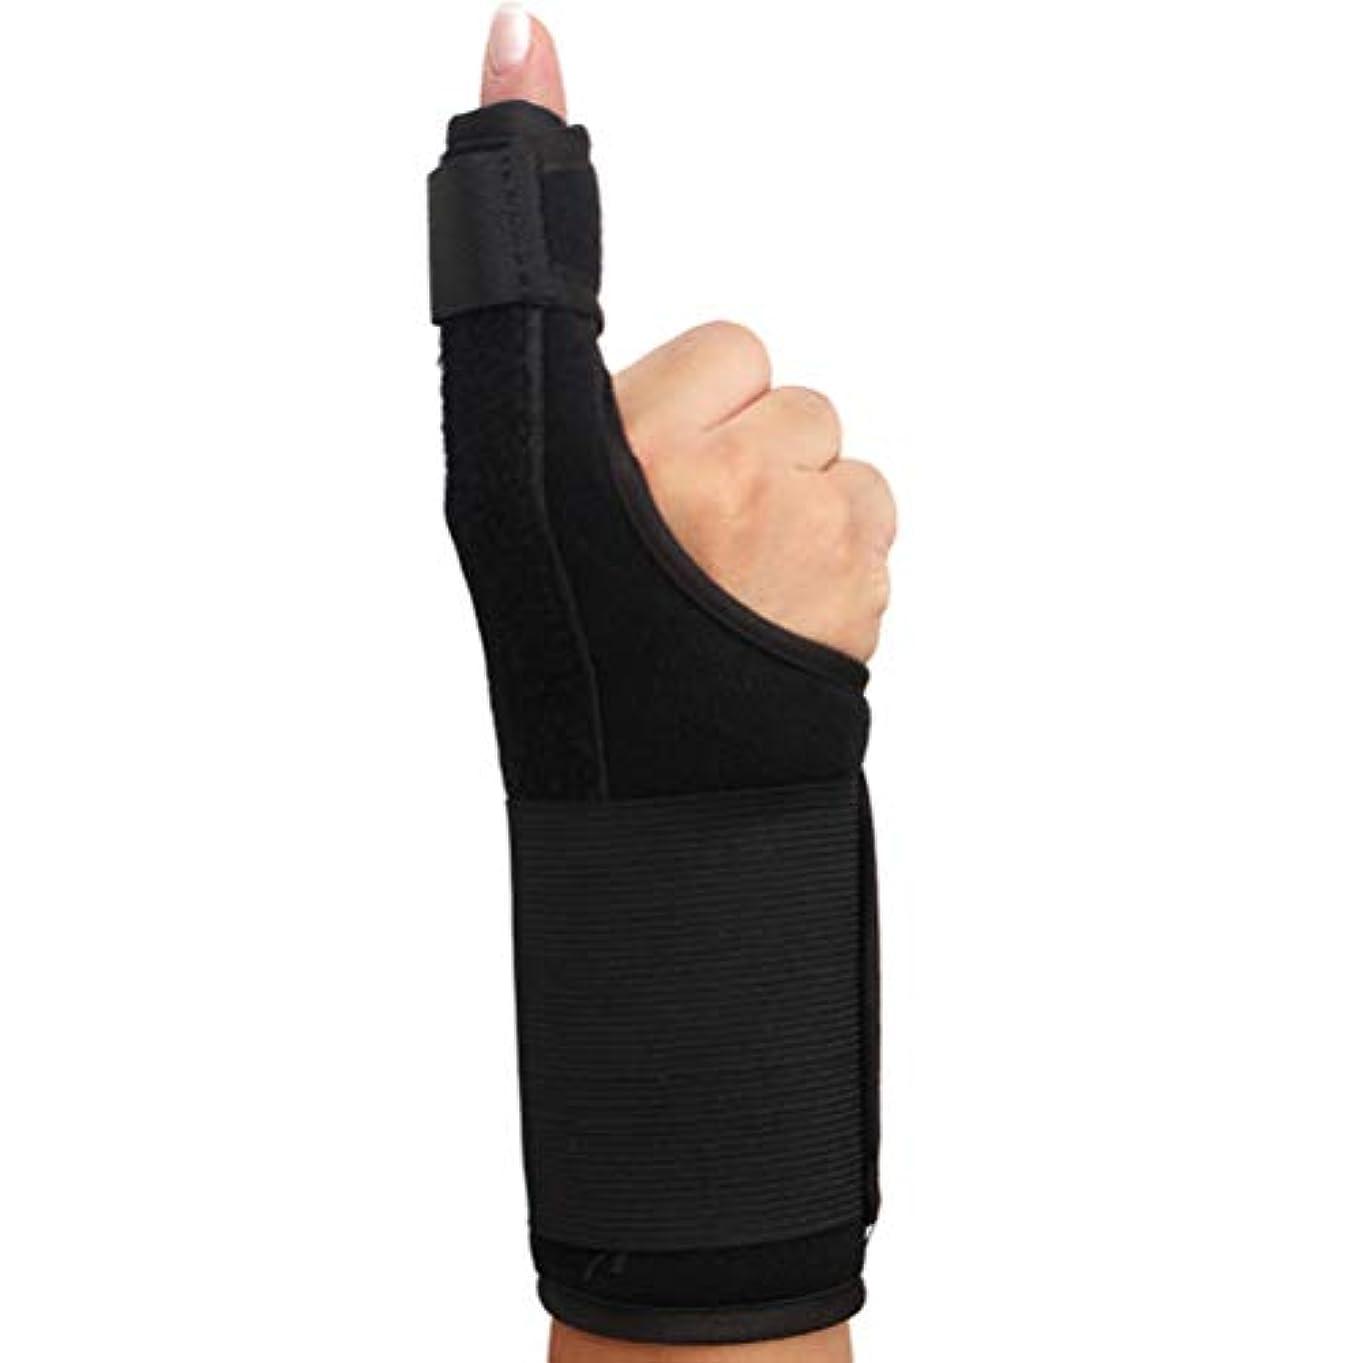 同情的政府通り抜けるSUPVOXフィンガースプリント関節炎サムスプリントフィンガーブレースサポートガードスプリント矯正壊れた指用リストストラップ